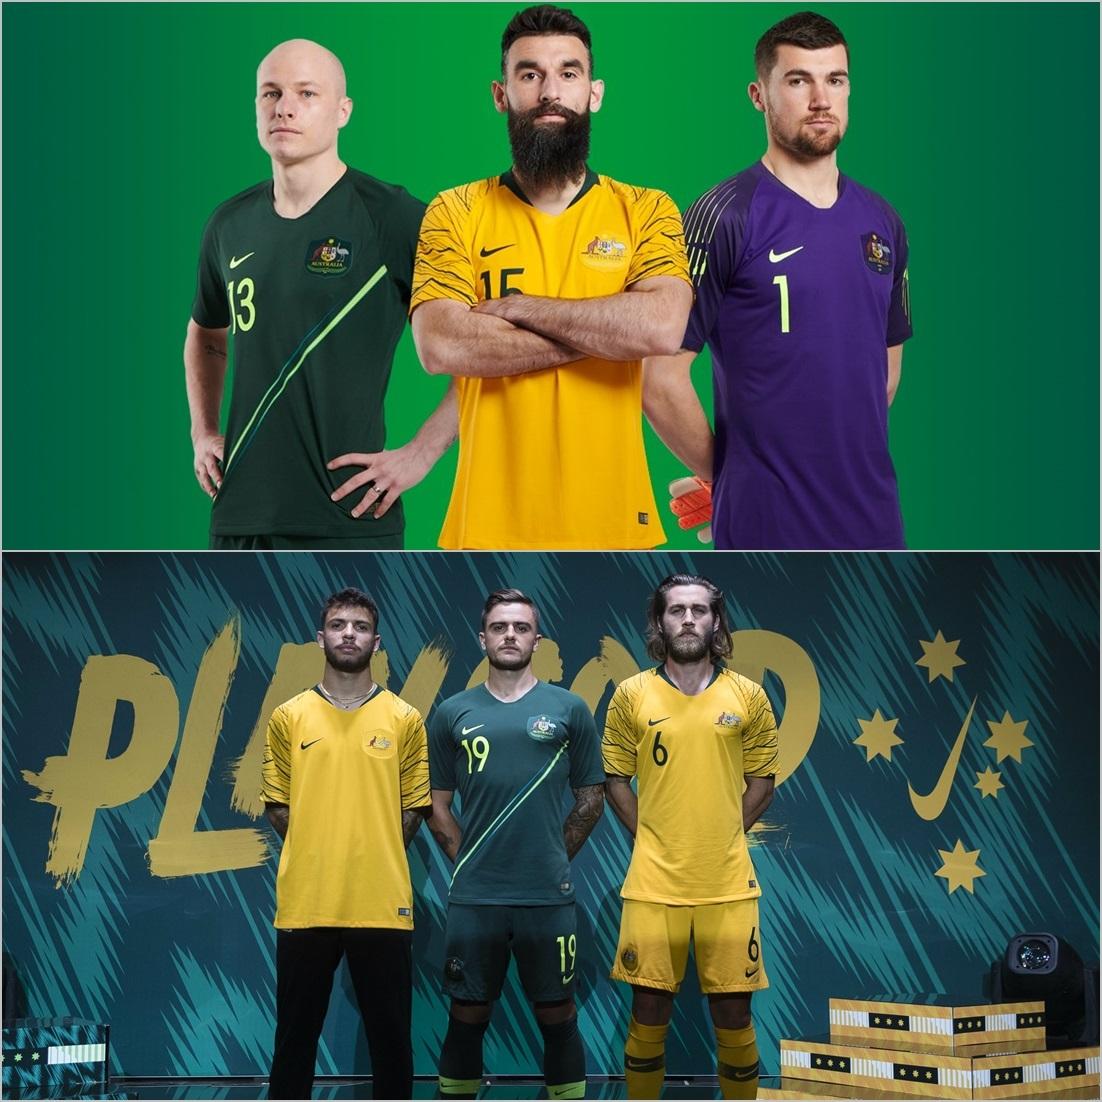 رونمایی از لباس تیم ملی استرالیا برای جام جهانی